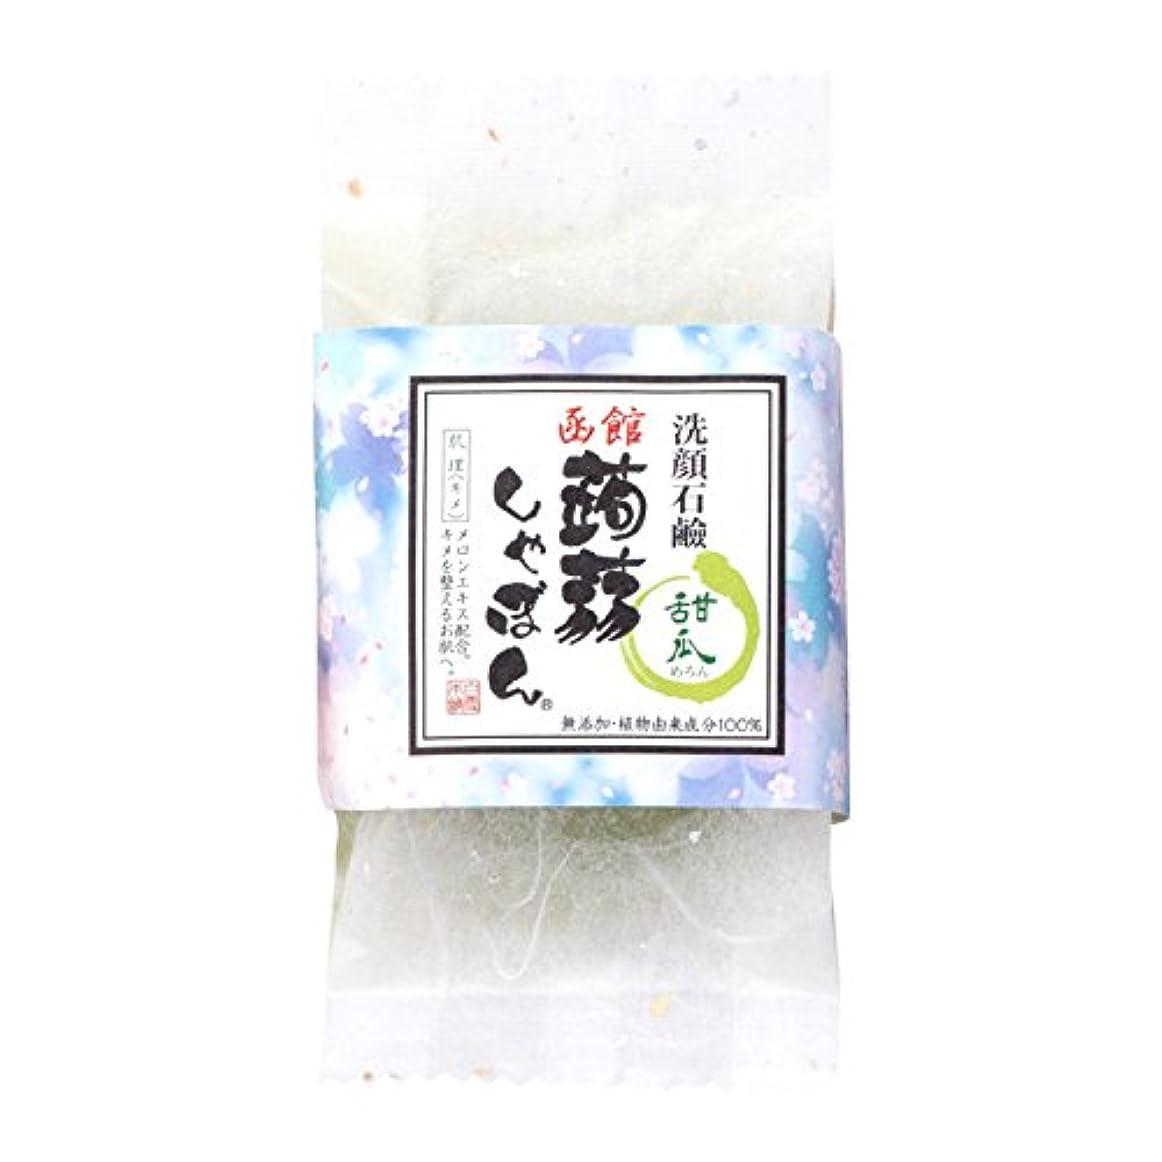 ウィンクふつう北米函館蒟蒻しゃぼん函館 甜瓜(めろん)